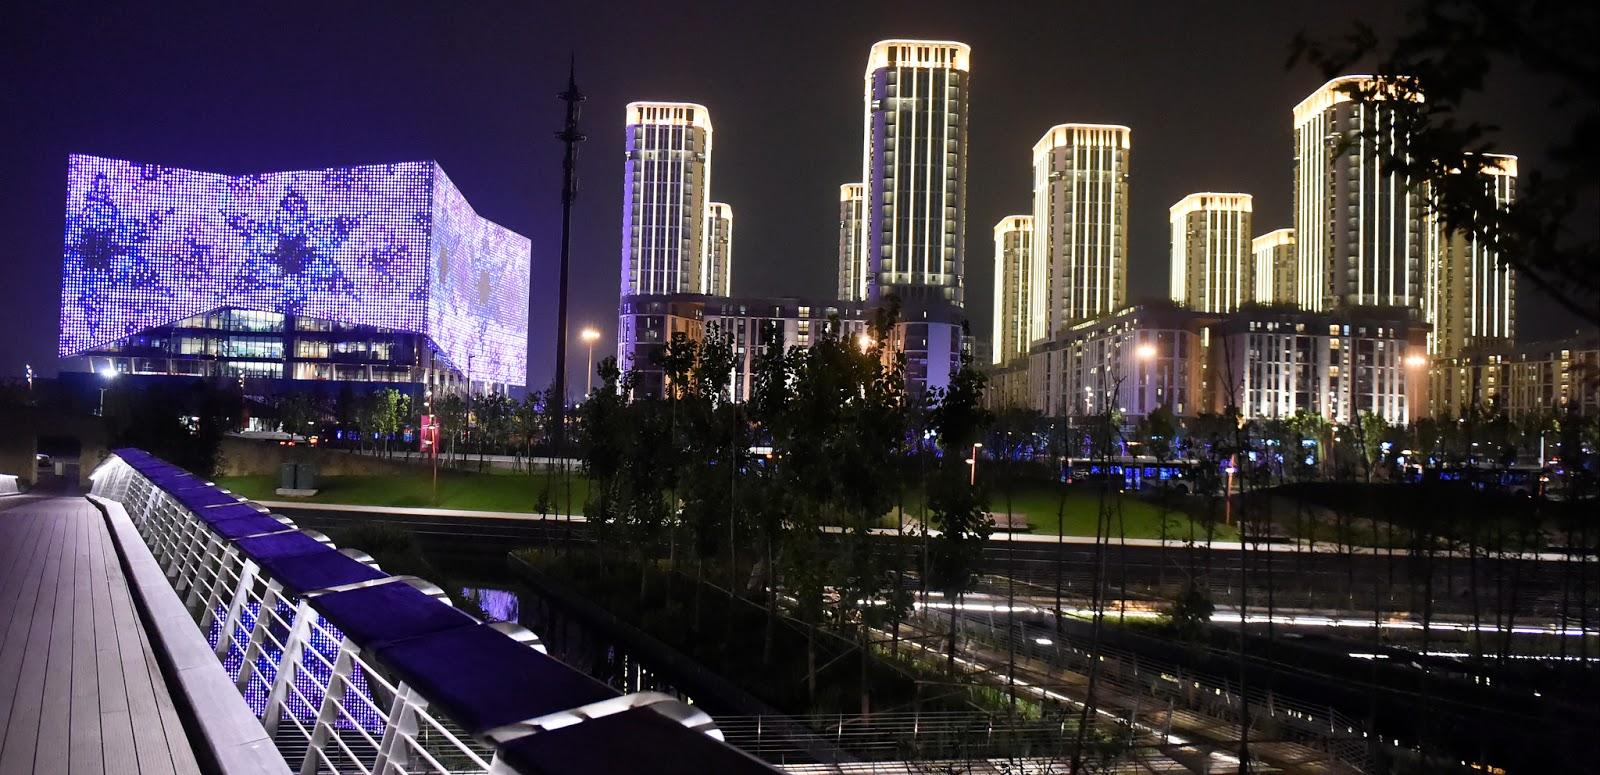 القرية الأولمبية لدورة الألعاب الأولمبية الصيفية للشباب بمدينة نانجينغ، الصين